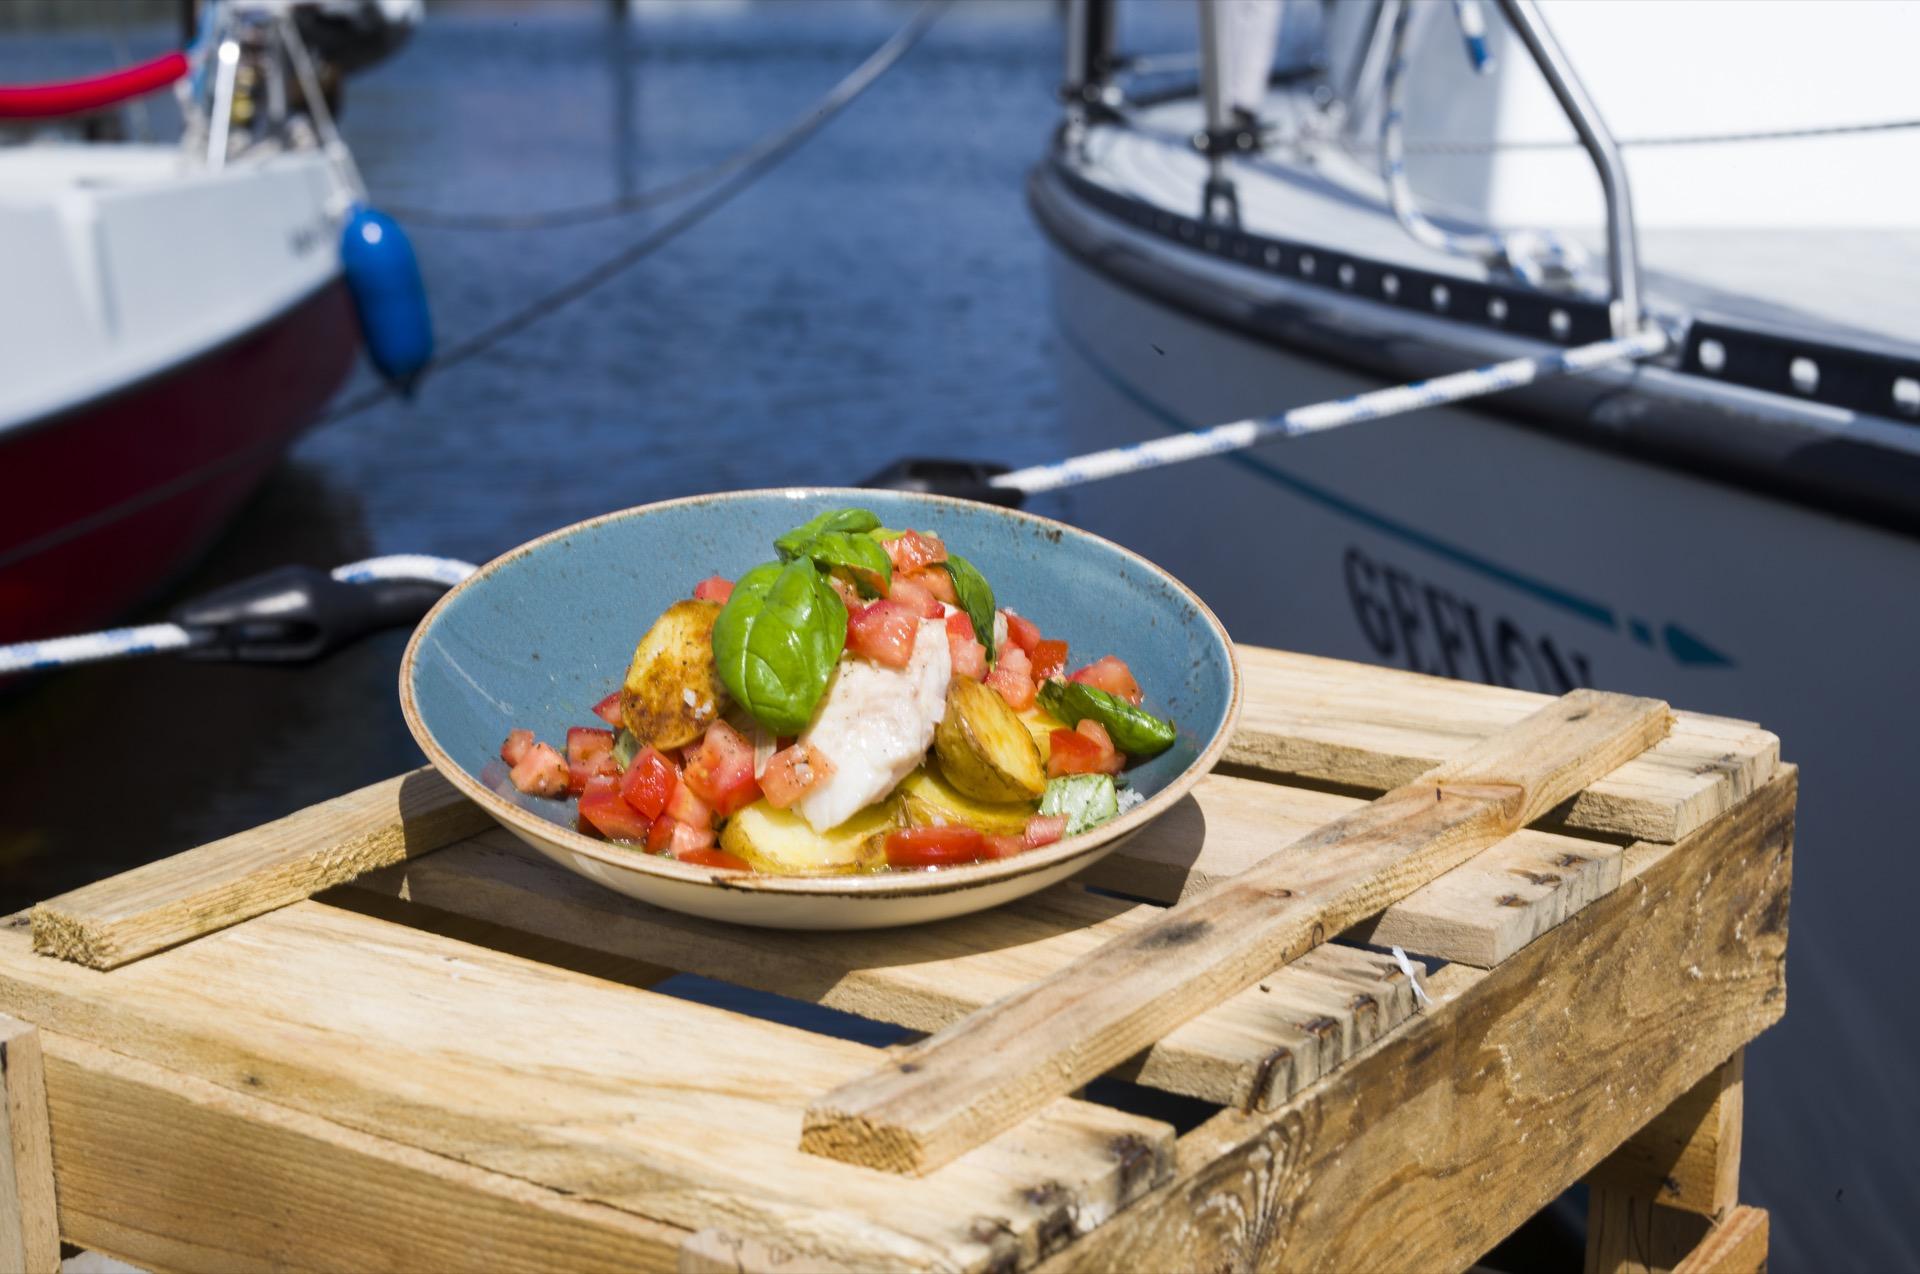 Frischer Fisch geht an der Küste immer. Leckeres Dorschfilet mit einer leichten Tomatensalsa @Oliver Hardtjaegermagazin jagd campers kitchen kochen köche